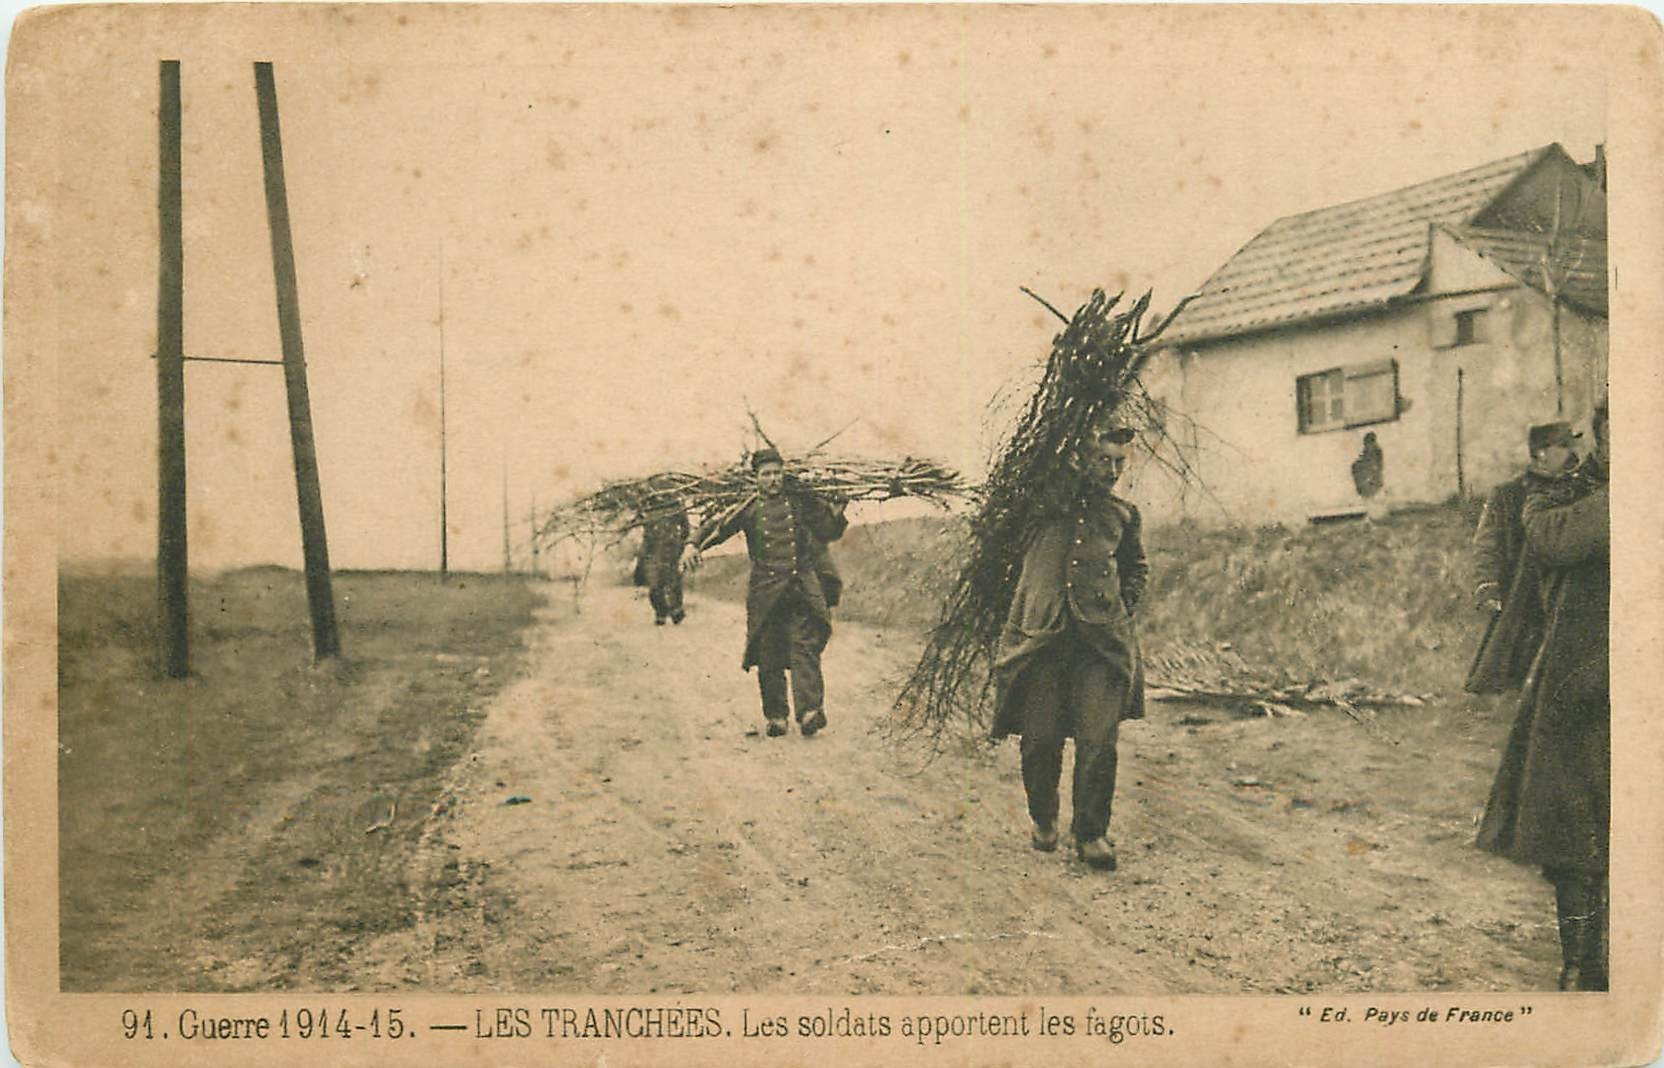 WW MILITAIRES. Les Soldats apportent les fagots dans les Tranchées